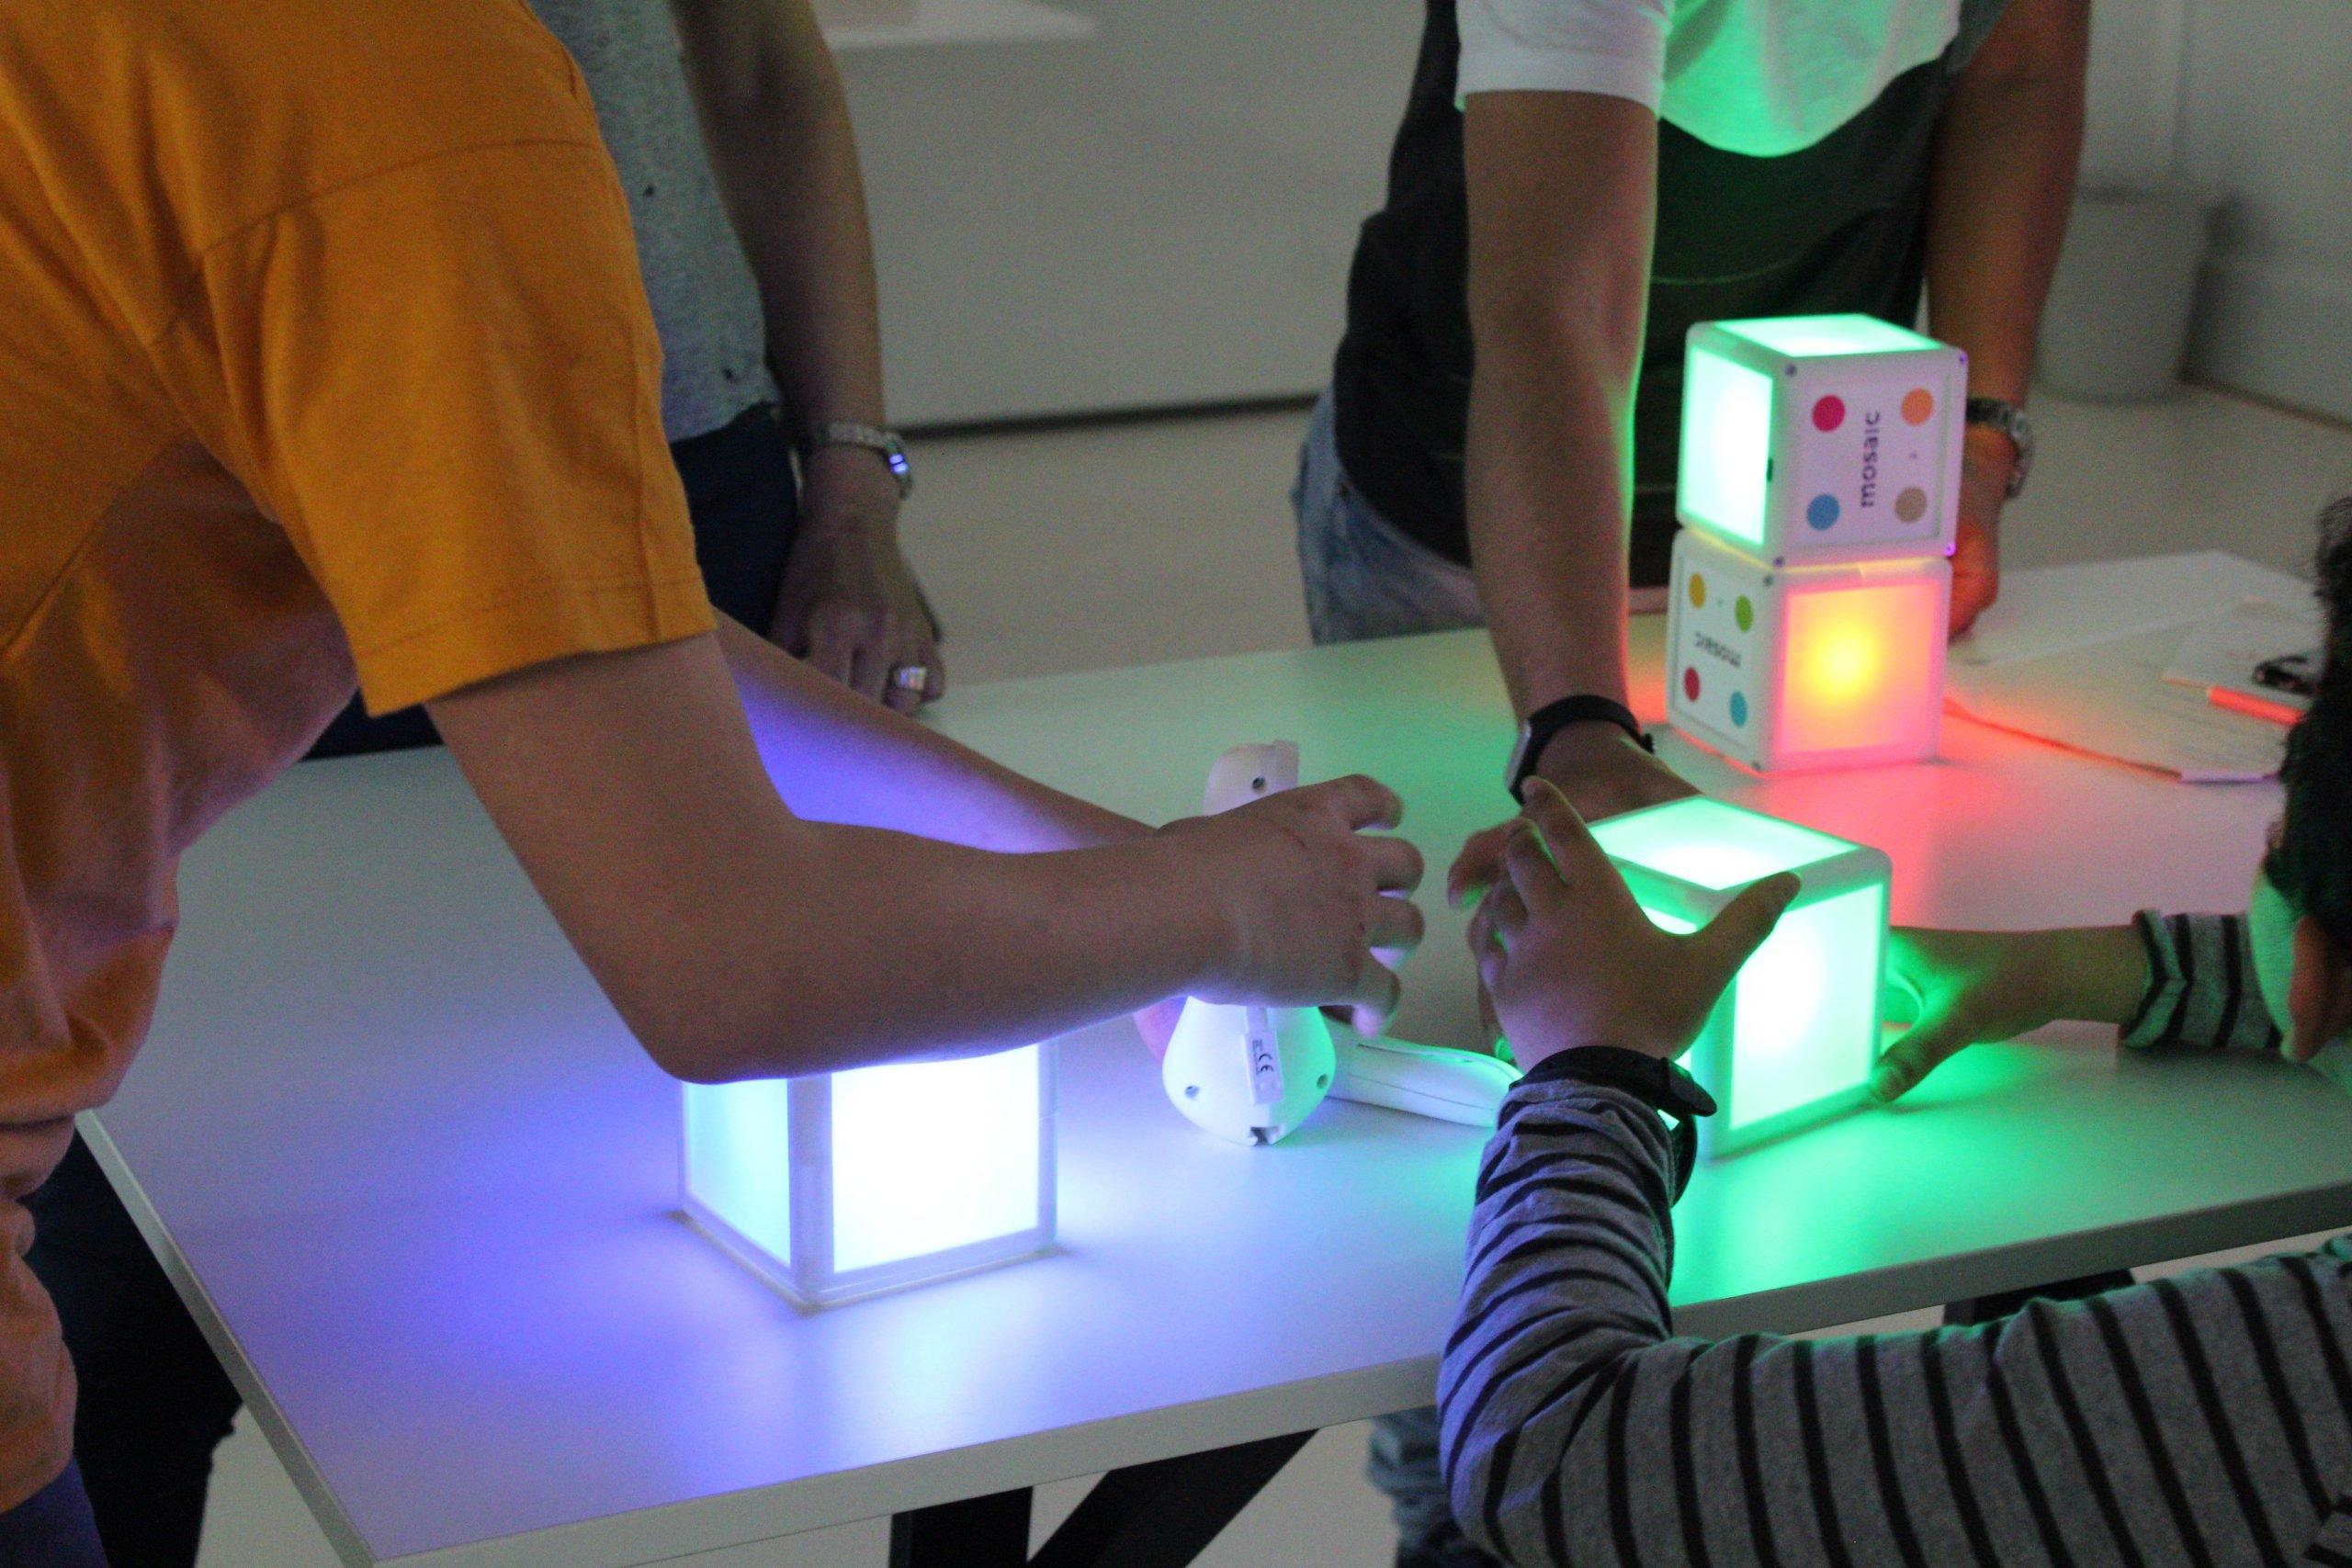 Un piccolo gruppo di bambini svolge insieme una delle attività di MOSAIC, collaborando per la buona riuscita comune MOSAIC